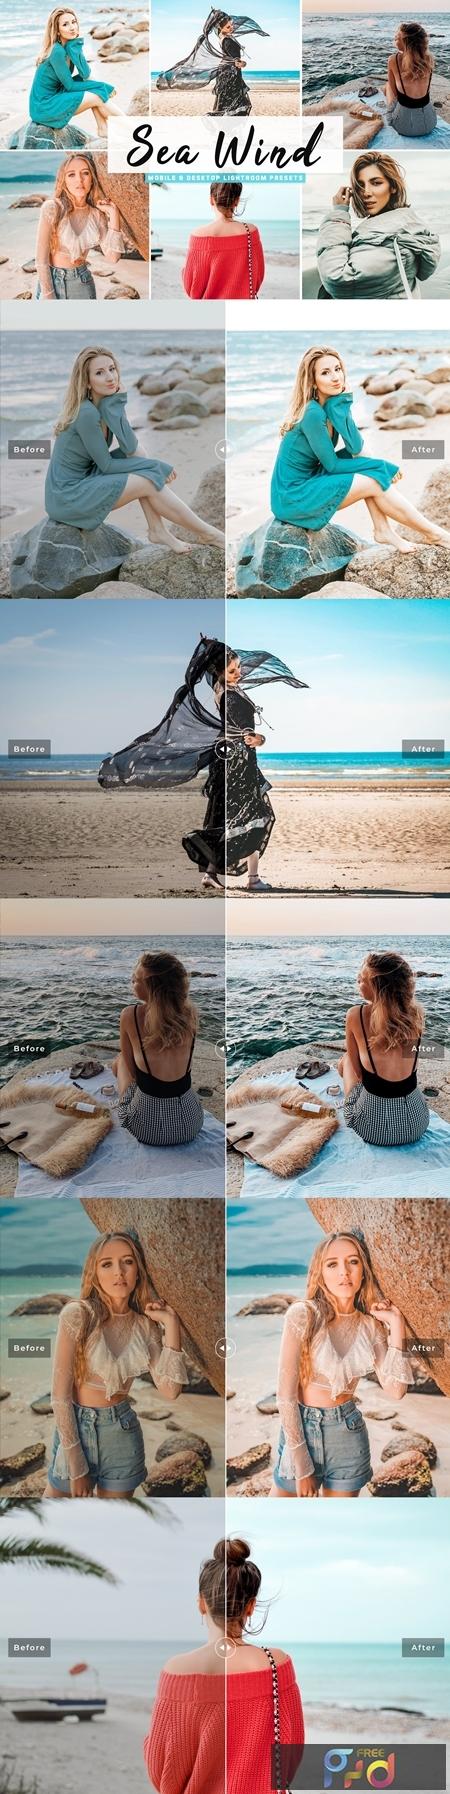 Sea Wind Mobile & Desktop Lightroom Presets 4654979 1